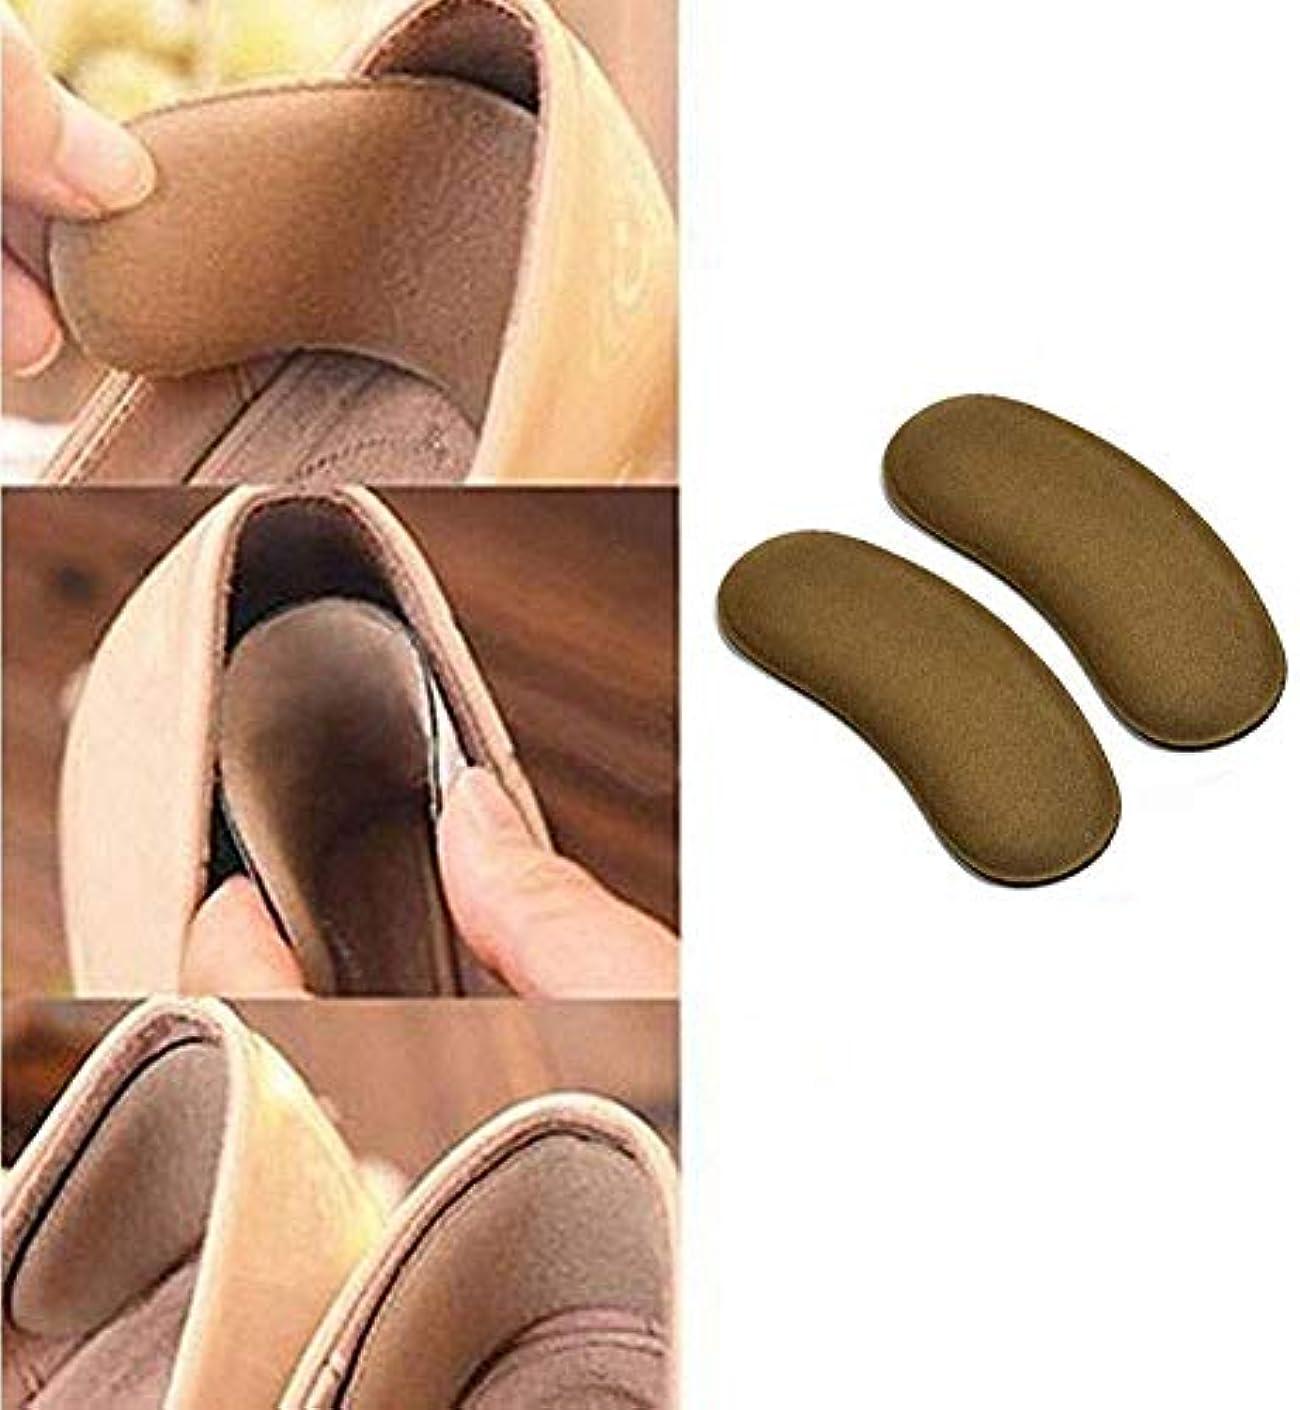 ストラップスマッシュ回転させるヒールパッド付きパッドライニング、高いヒールパッドのライニングの靴のライニング緩い靴、改善された靴のフィット感と快適さのために、水ぶくれが大きすぎる、ユーチューブーチューブニセックス防止の5組